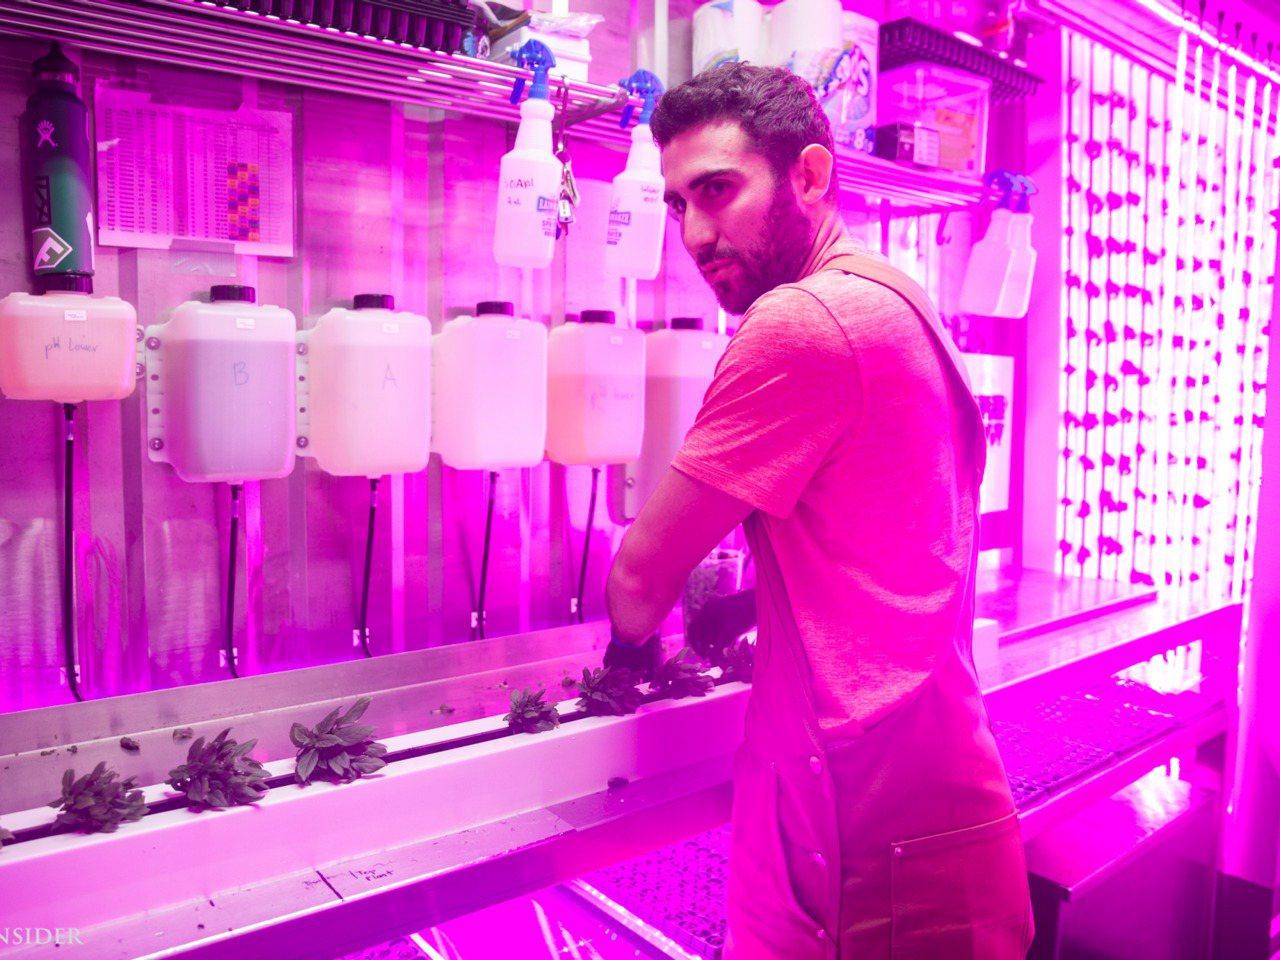 金柏·穆斯克推廣平方根計畫,在紐約的魯克林貨櫃屋培育垂直農場,利用新技術耕種。圖...